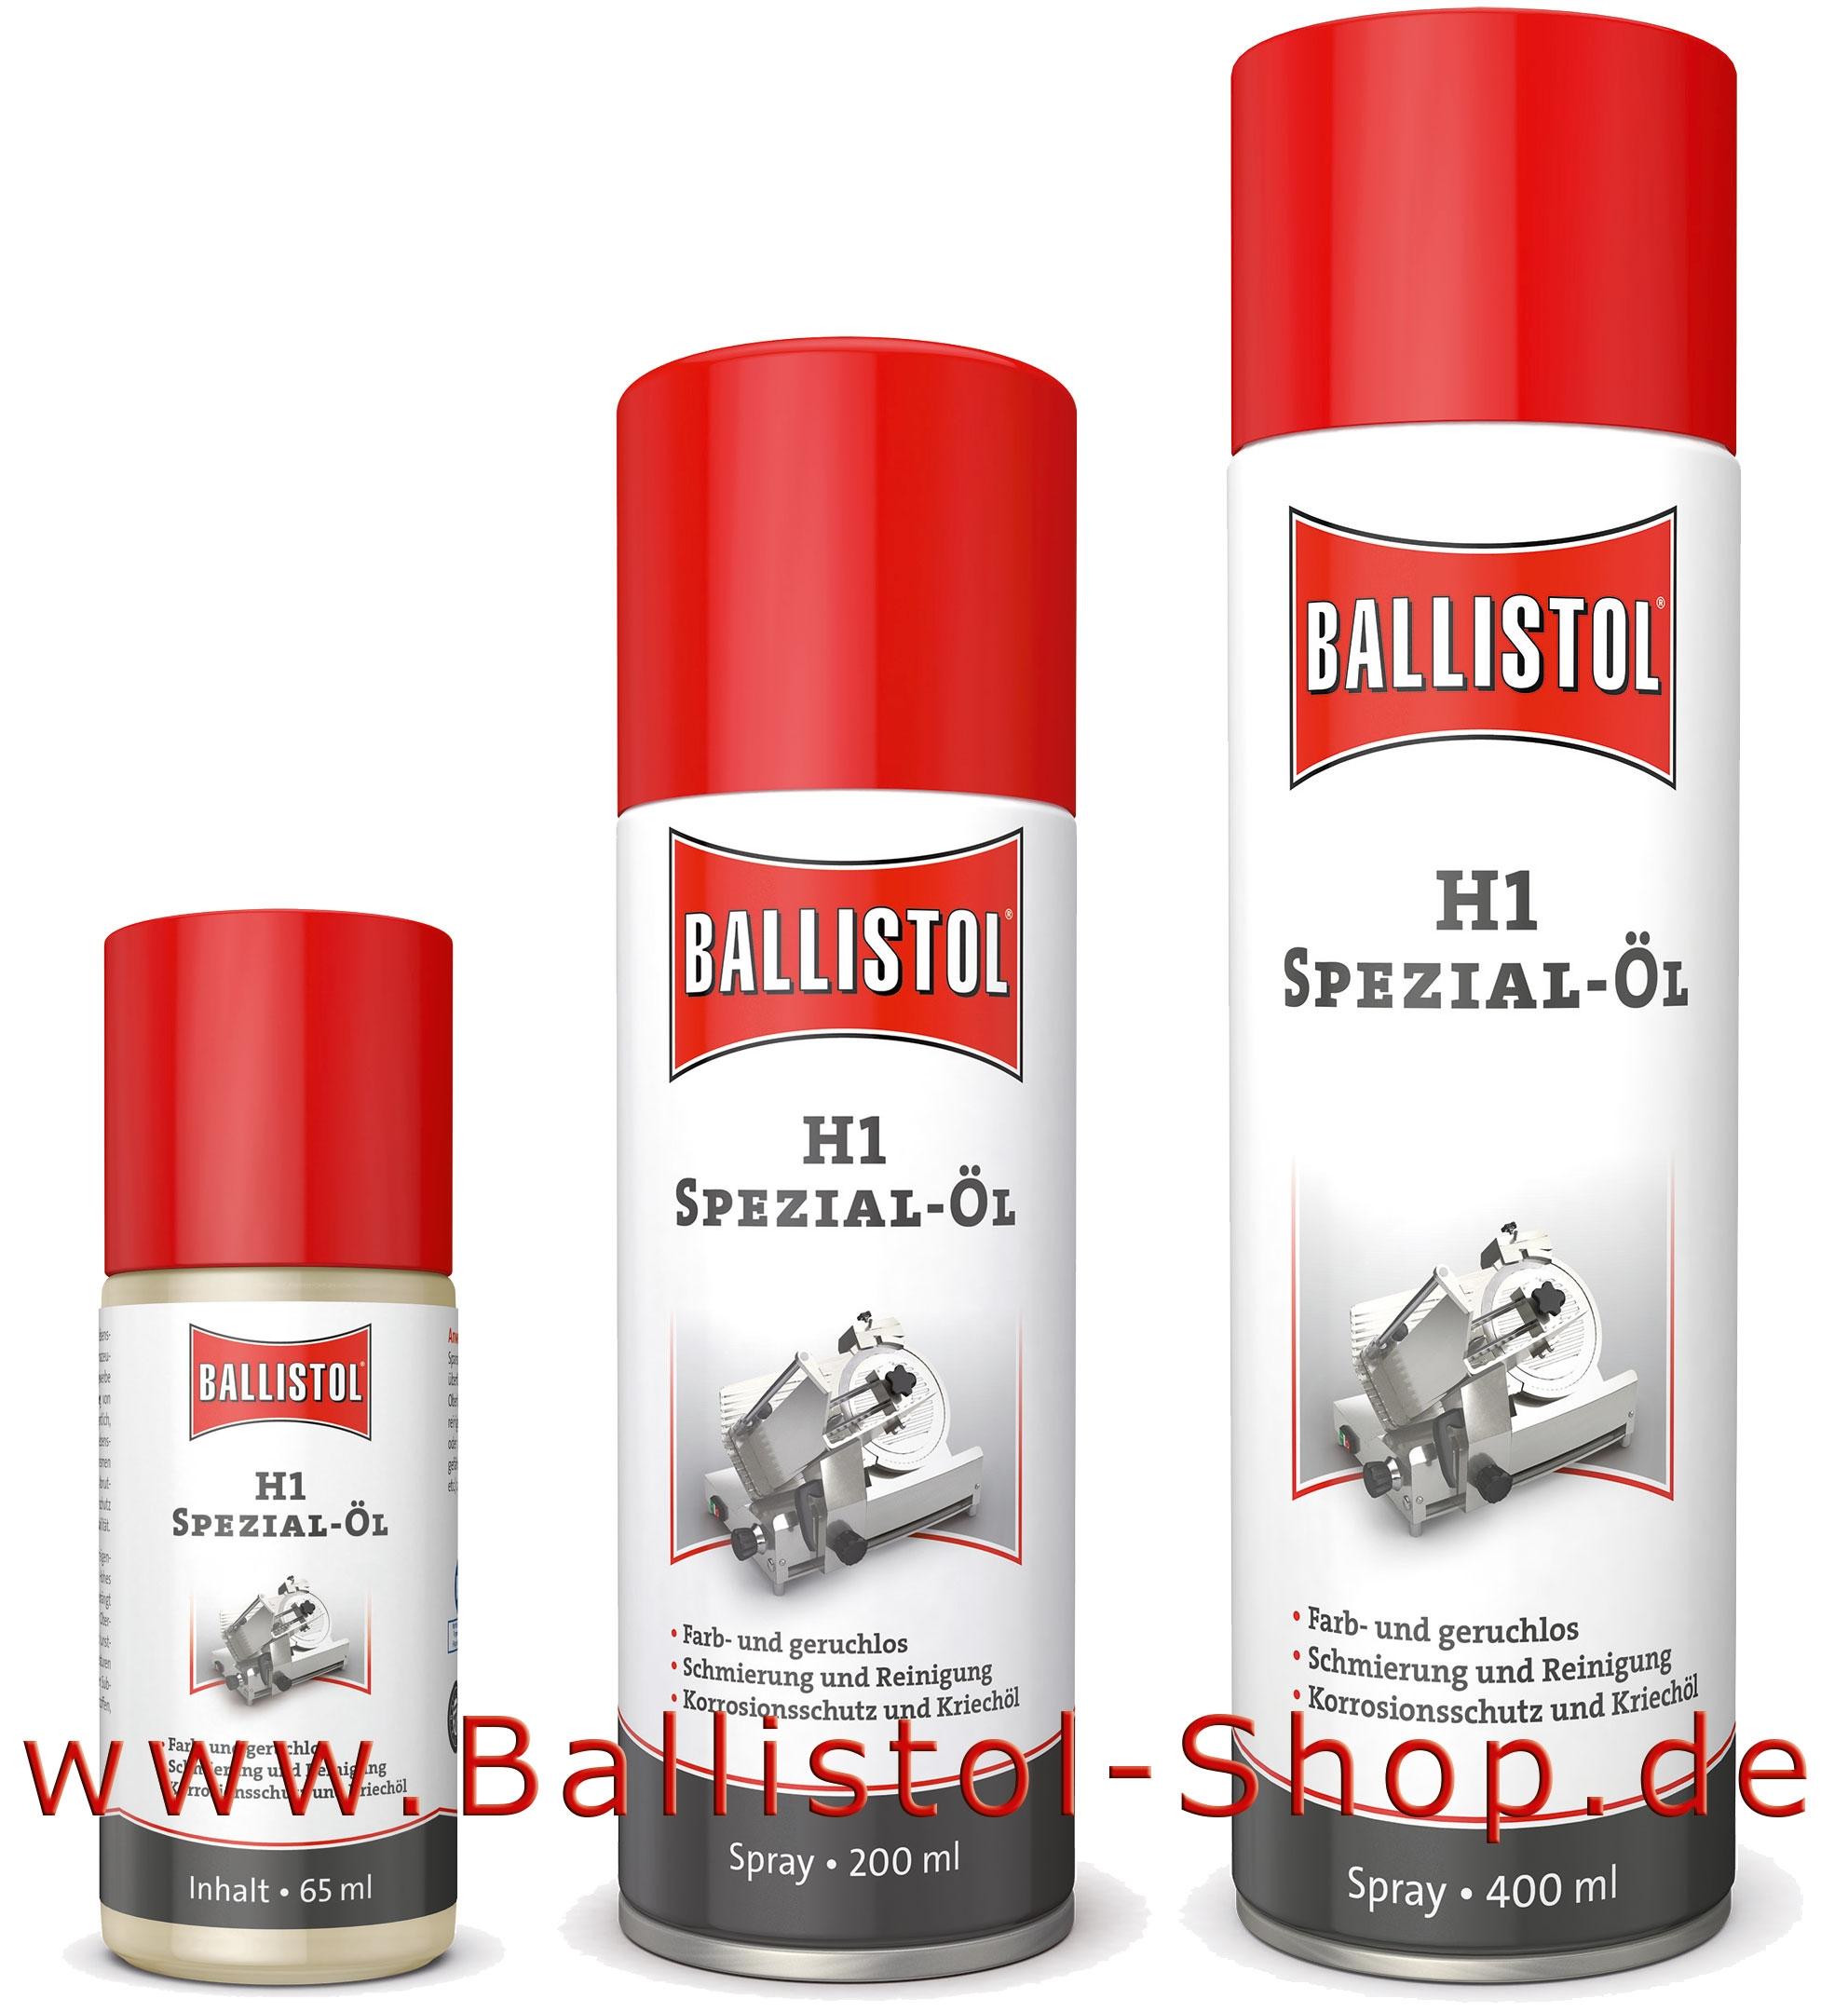 ballistol h1 spray schmier l im lebensmittel bereich. Black Bedroom Furniture Sets. Home Design Ideas